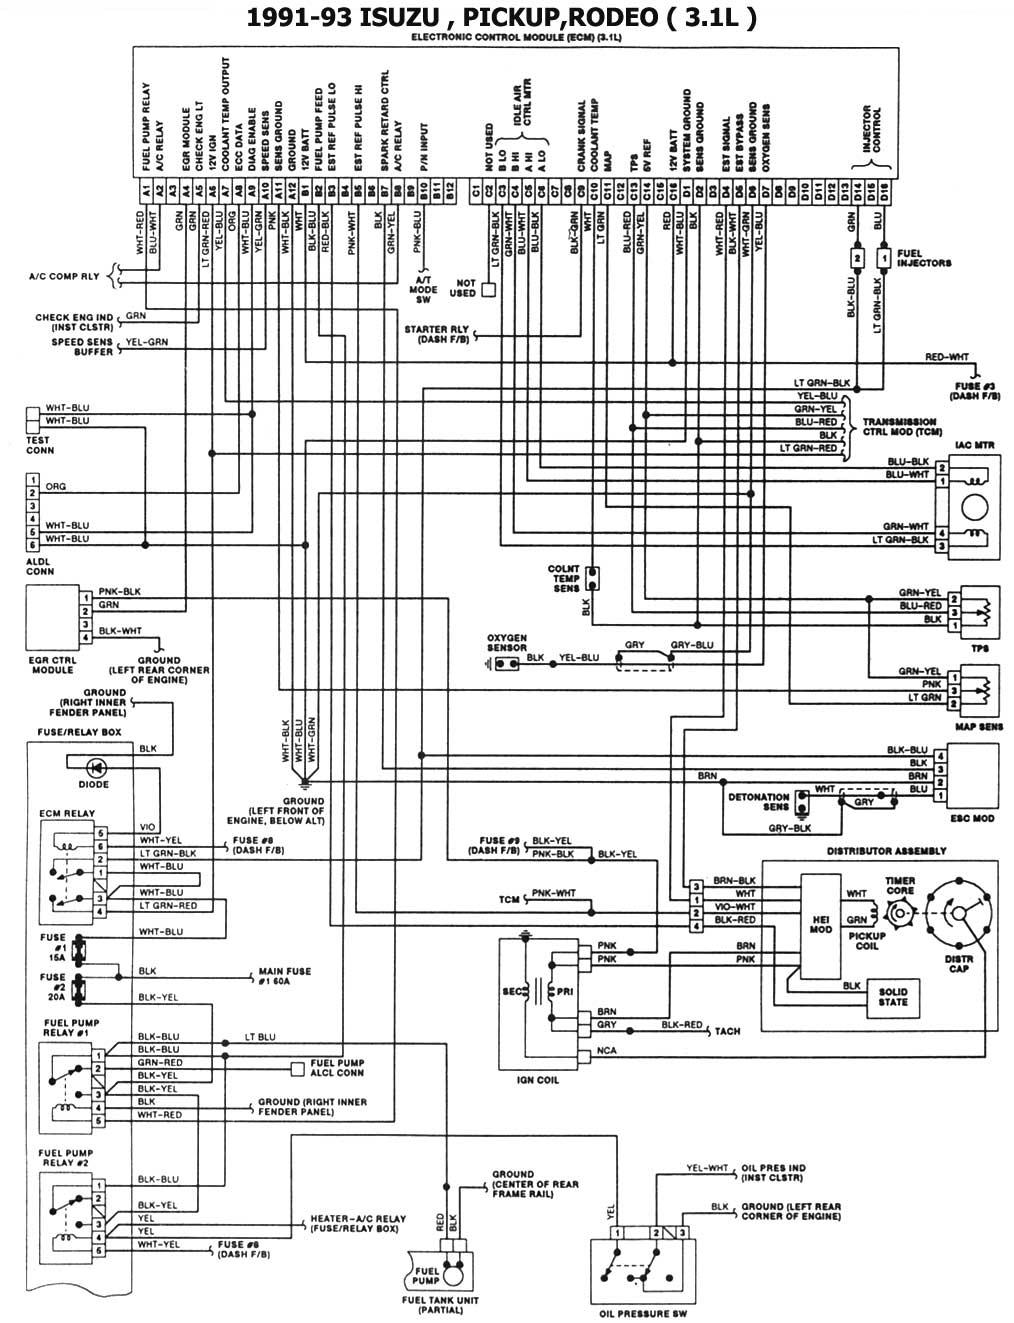 Gm Obd1 Wiring Diagram 1991